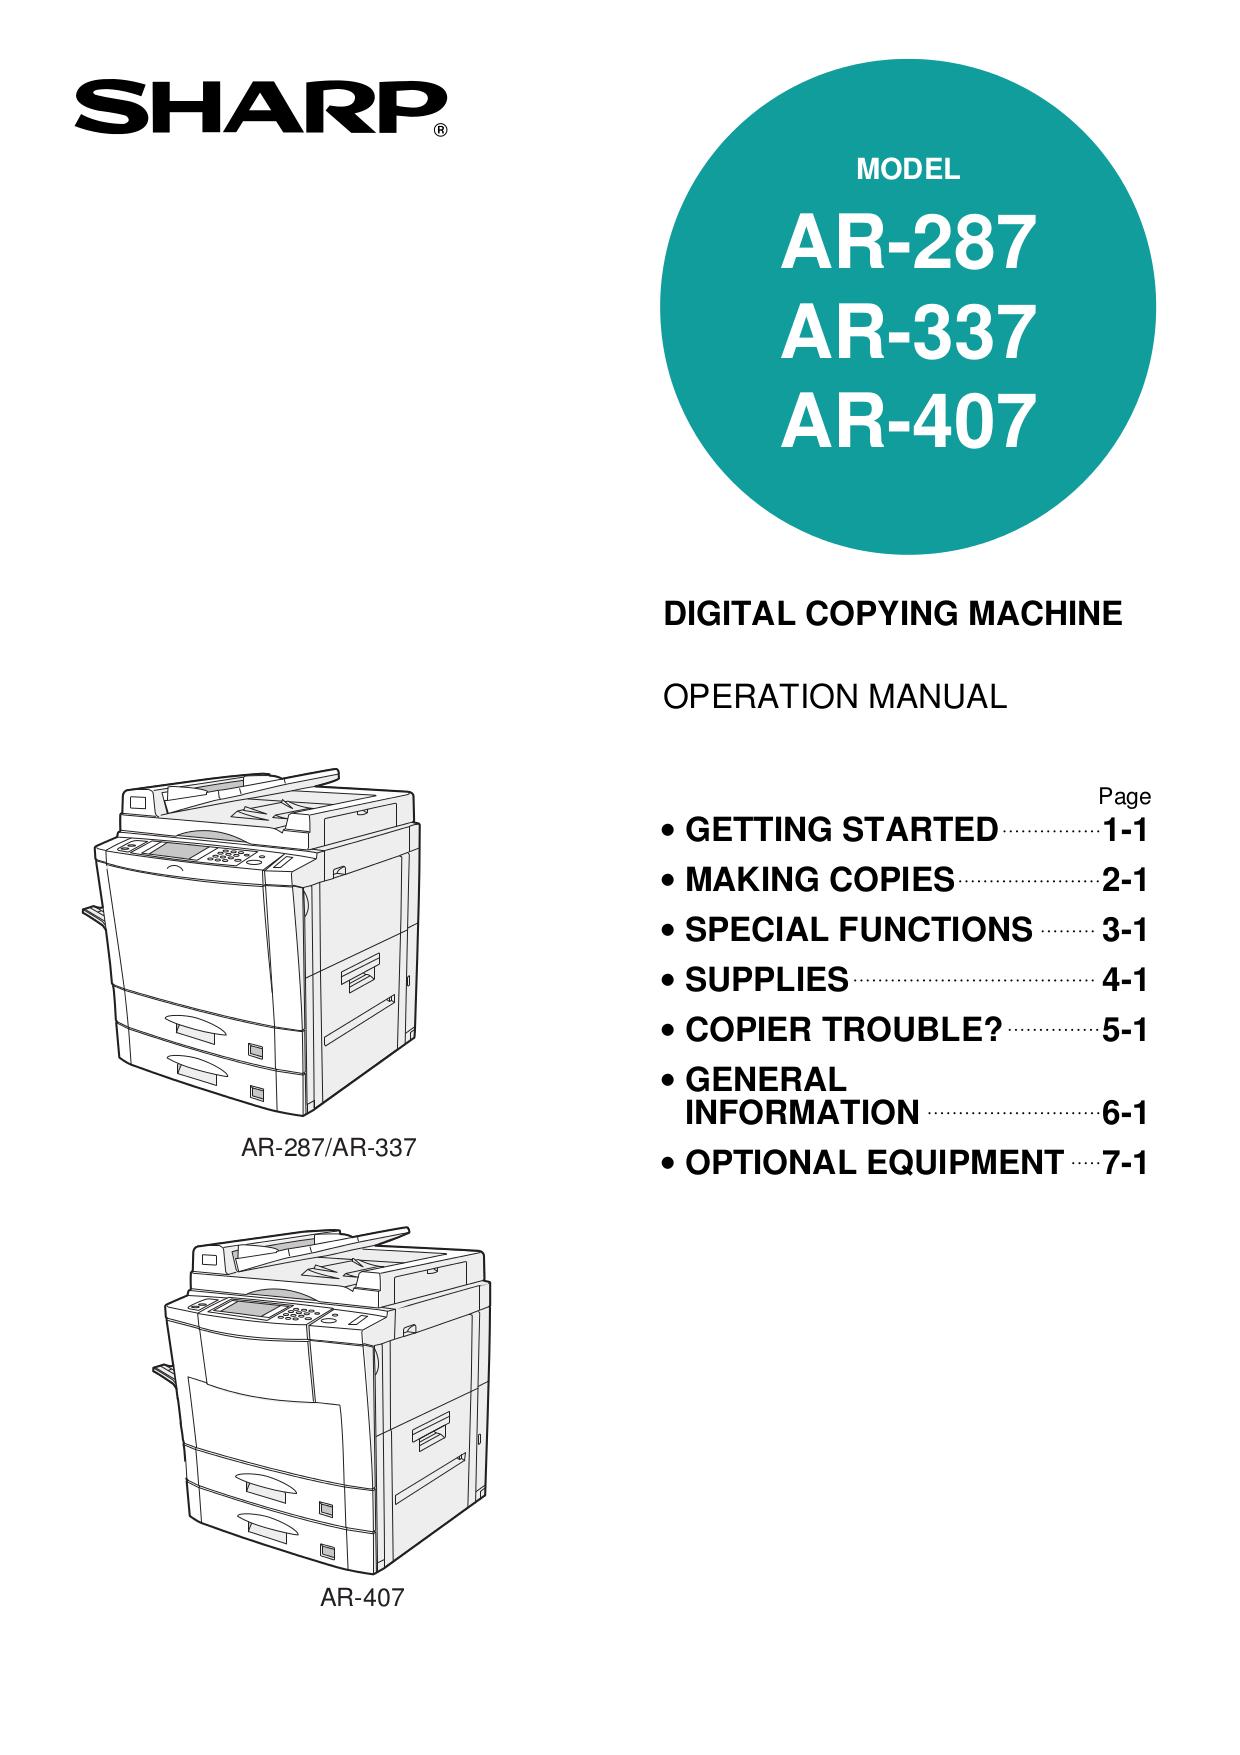 Sharp ar-287 ar-337 ar-407 ar-505 circuit diagrams service manual.